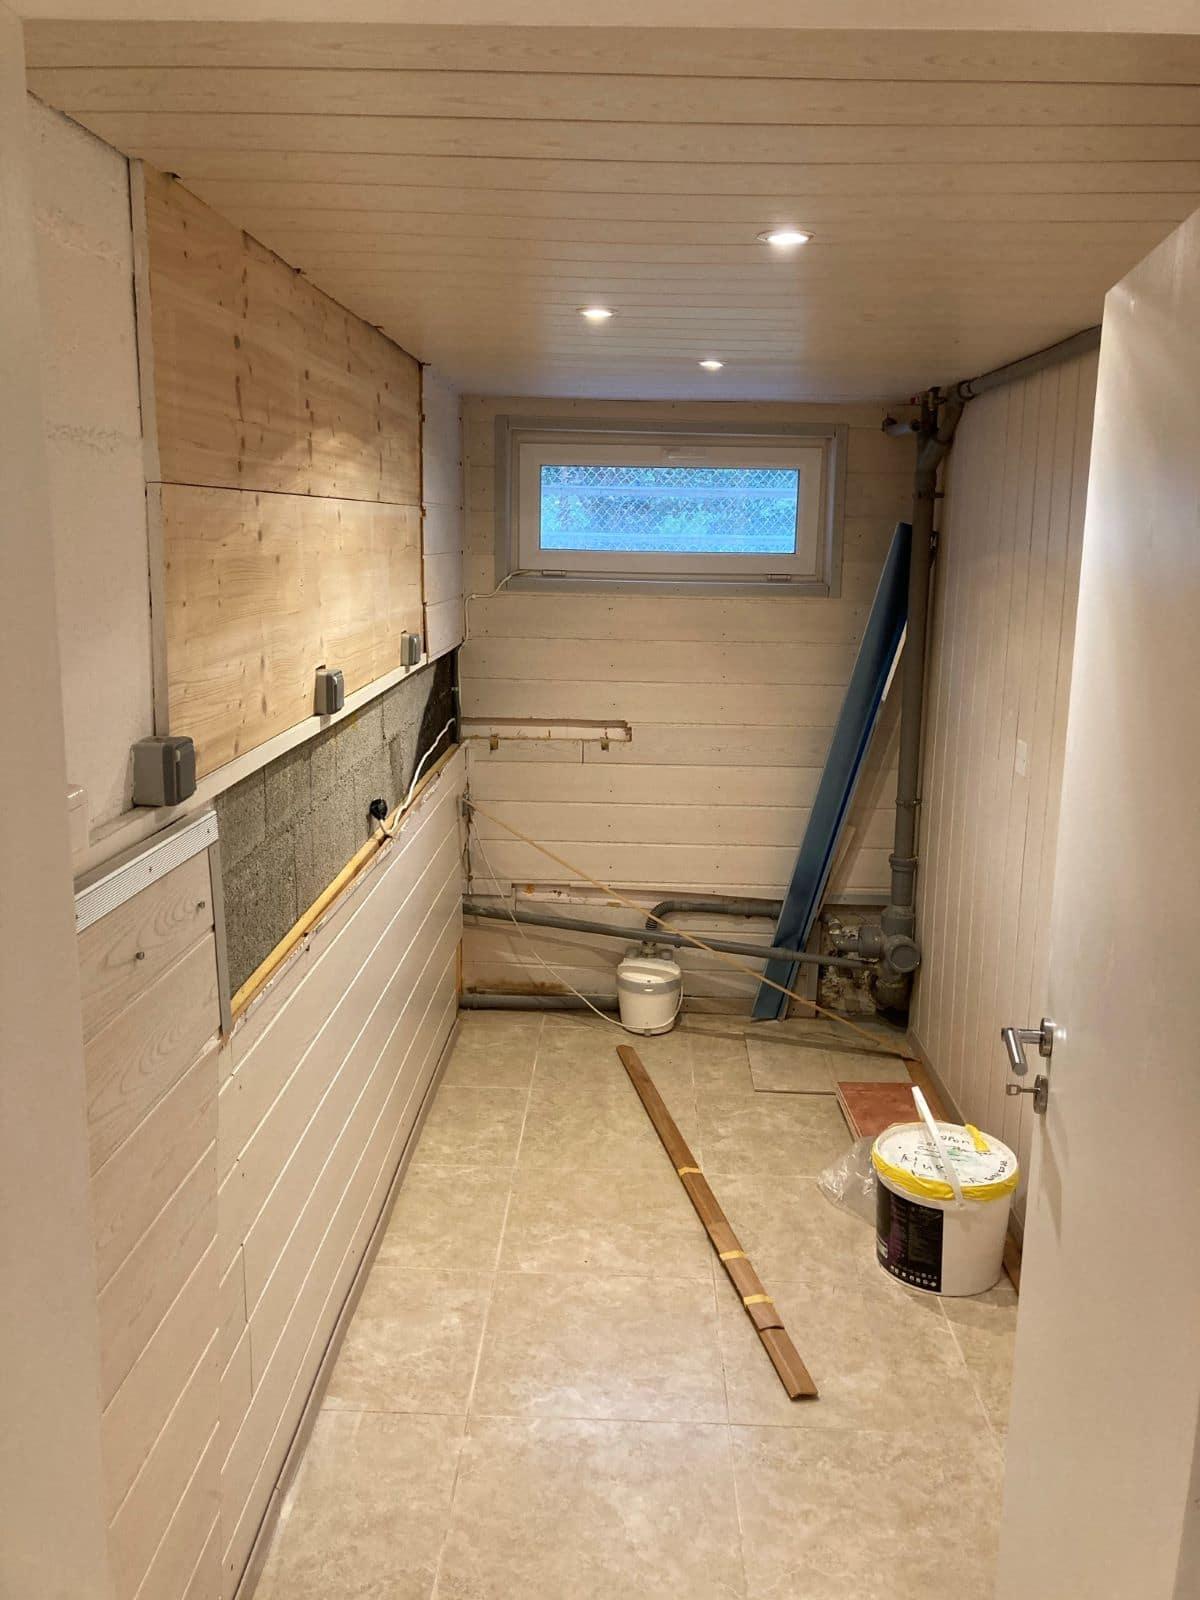 Rénovation maison à Riedisheim : création d'une salle de bain et d'une chambre (68)